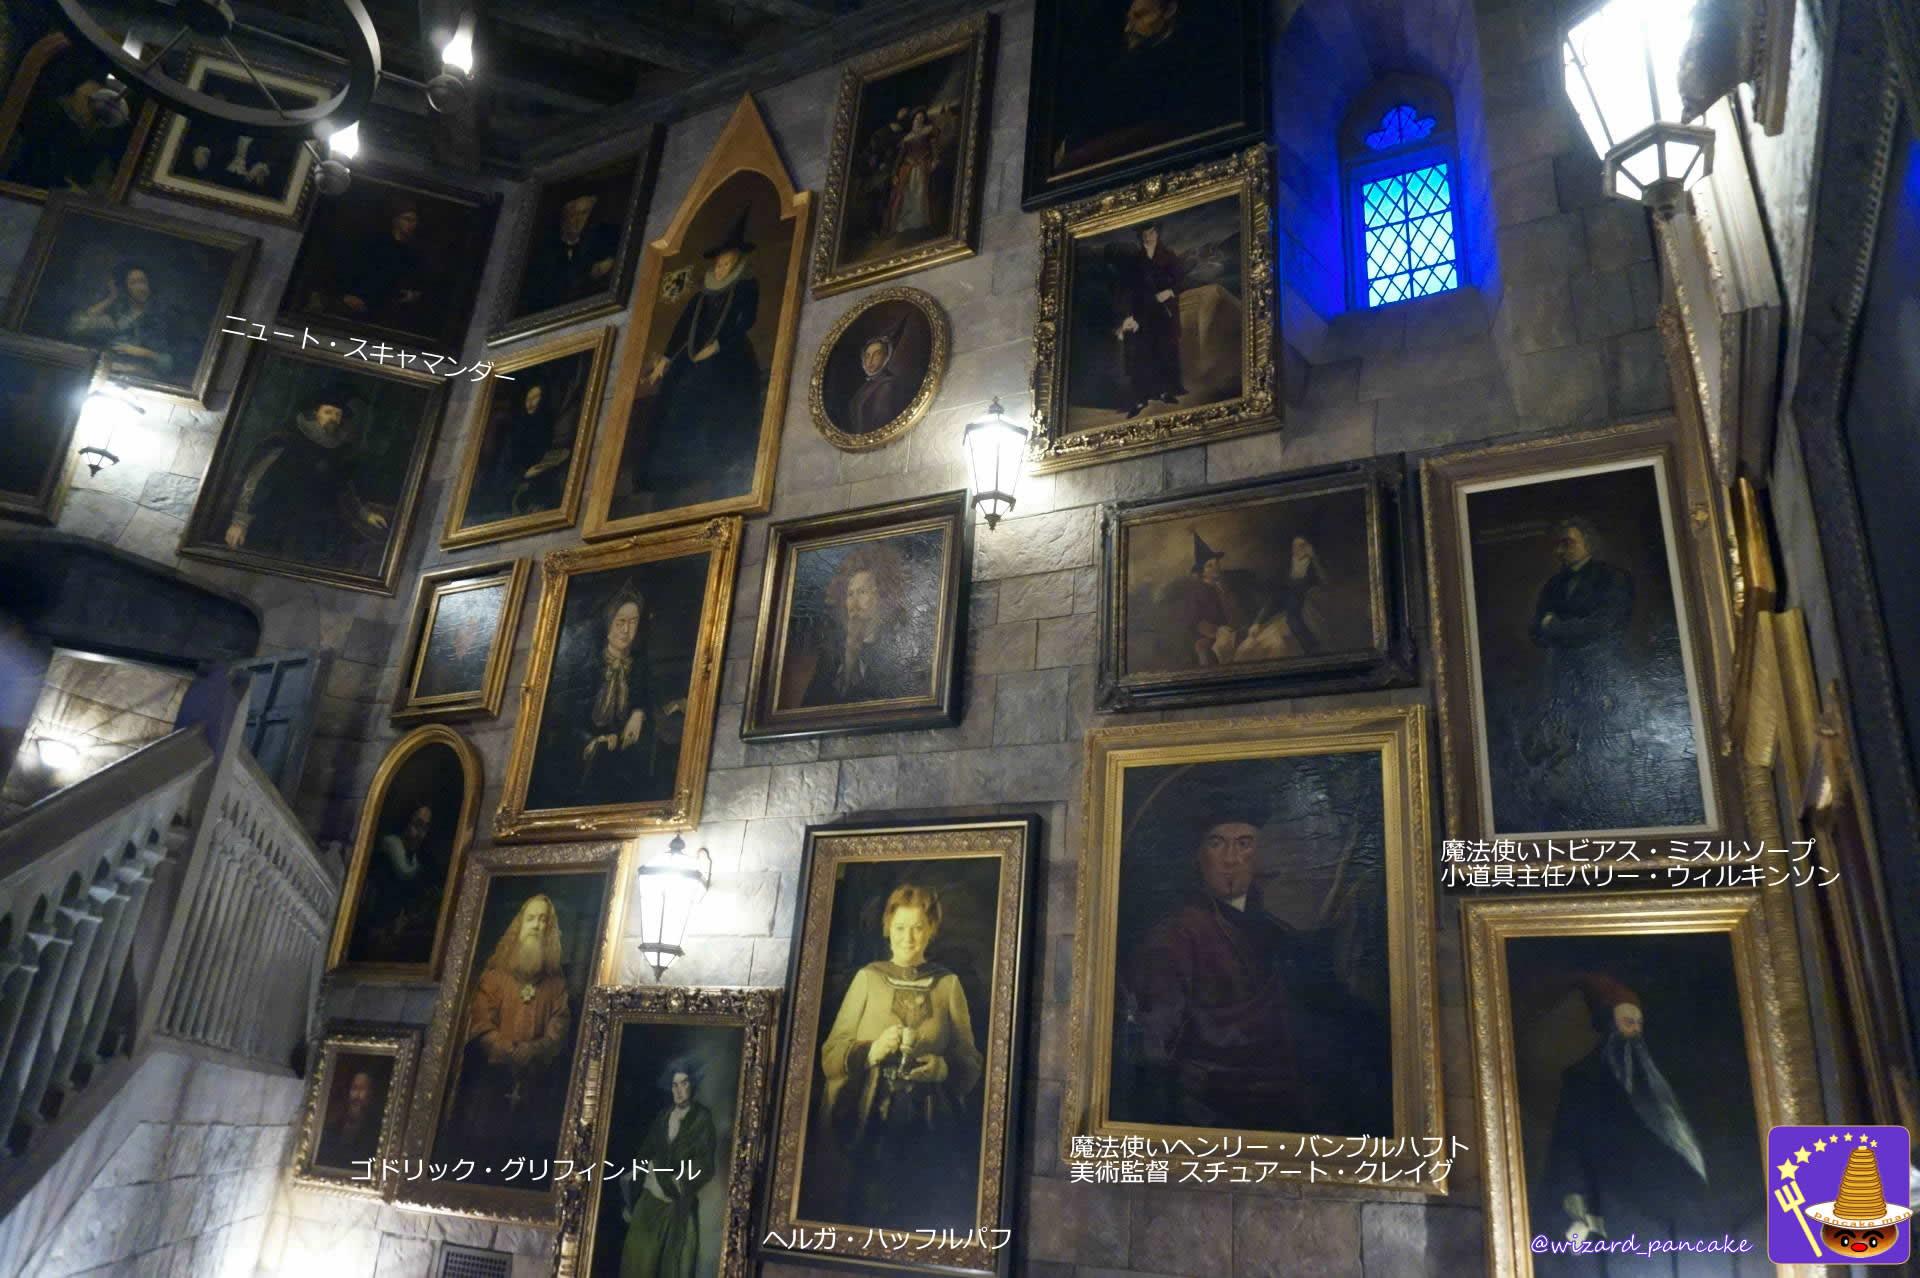 【隠れスポット】ニュート・スキャマンダー教授の肖像画は2種類掲示されておる。ホグワーツ城内の2か所にじゃ(USJハリポタ)魔法使いパンケーキマン・ダンブルドア